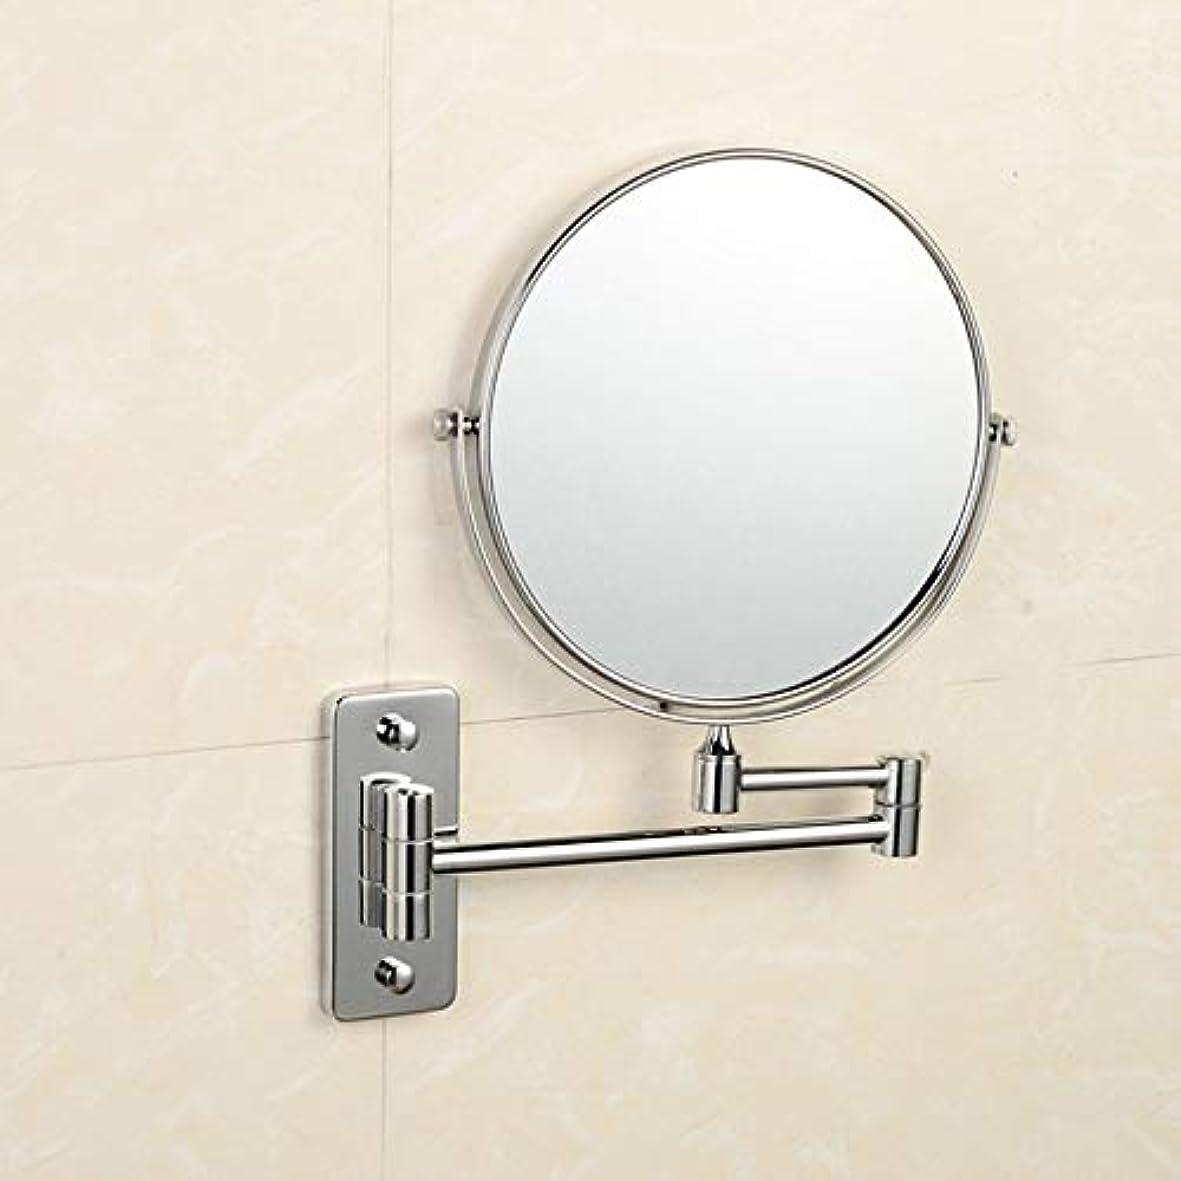 素敵なあえて識字流行の 銅浴室鏡折りたたみ伸縮性格人格美人表裏面360度回転壁掛け虫眼鏡ミラーシルバーホームビューティーミラー浴室